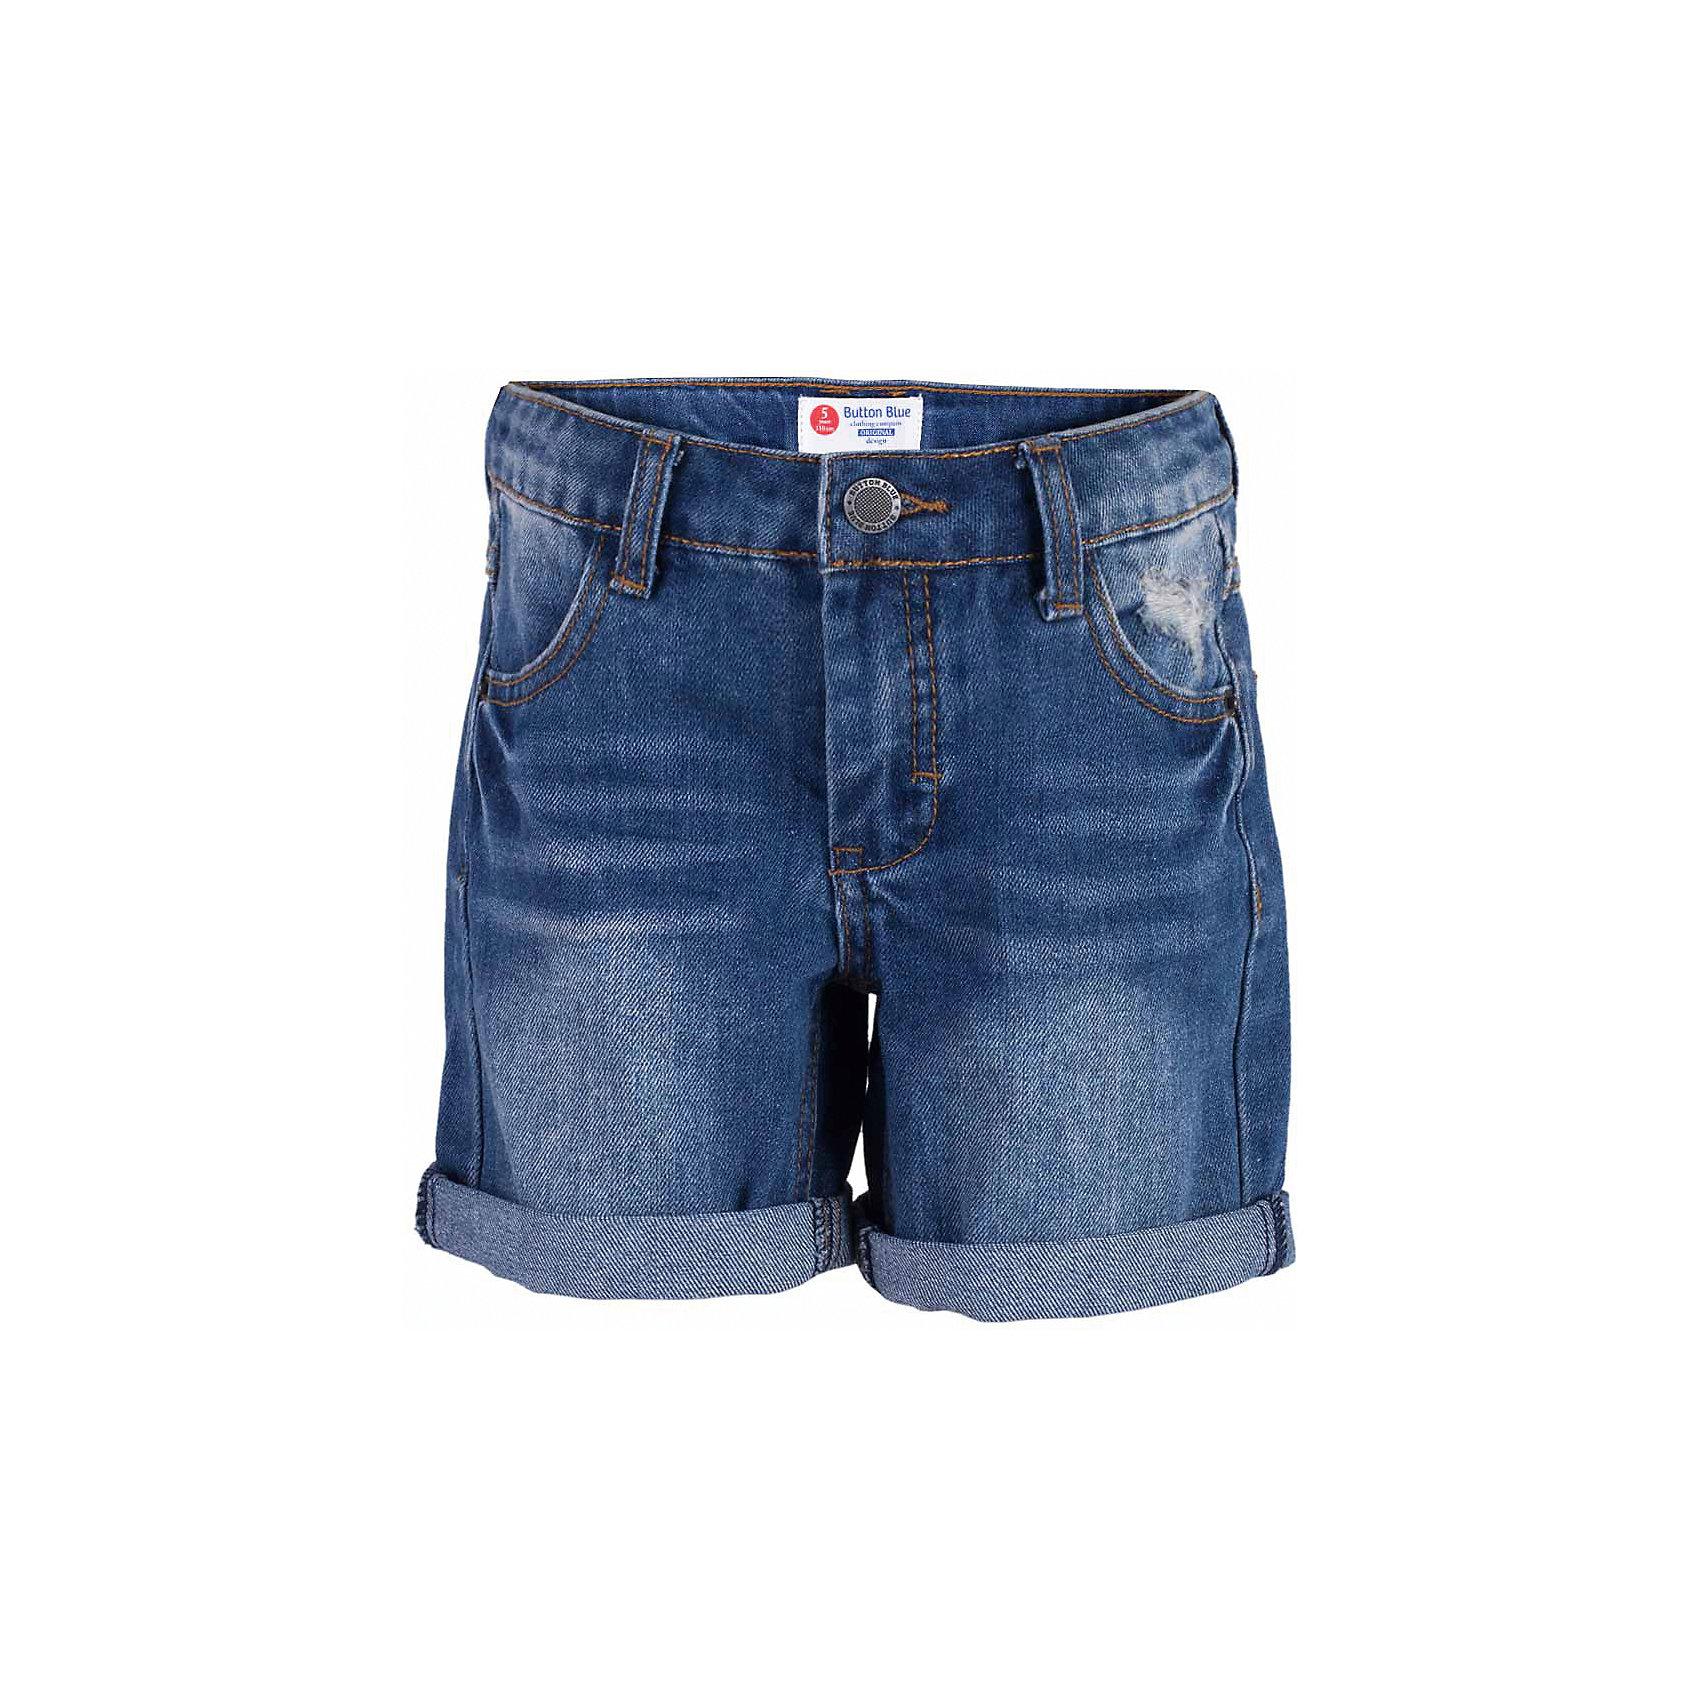 Шорты джинсовые для мальчика  BUTTON BLUEШорты, бриджи, капри<br>Шорты для мальчика  BUTTON BLUE<br>Классные джинсовые шорты с потертостями, варкой и повреждениями - прекрасное решение на каждый день! И дома, и в лагере, и на спортивной площадке эти шорты для мальчика обеспечат комфорт и соответствие модным трендам. Купить недорого детские шорты от Button Blue , значит, сделать каждый летний день ребенка радостным и беззаботным!<br>Состав:<br>100%  хлопок<br><br>Ширина мм: 191<br>Глубина мм: 10<br>Высота мм: 175<br>Вес г: 273<br>Цвет: синий<br>Возраст от месяцев: 144<br>Возраст до месяцев: 156<br>Пол: Мужской<br>Возраст: Детский<br>Размер: 158,98,104,110,116,122,128,134,140,146,152<br>SKU: 5524644